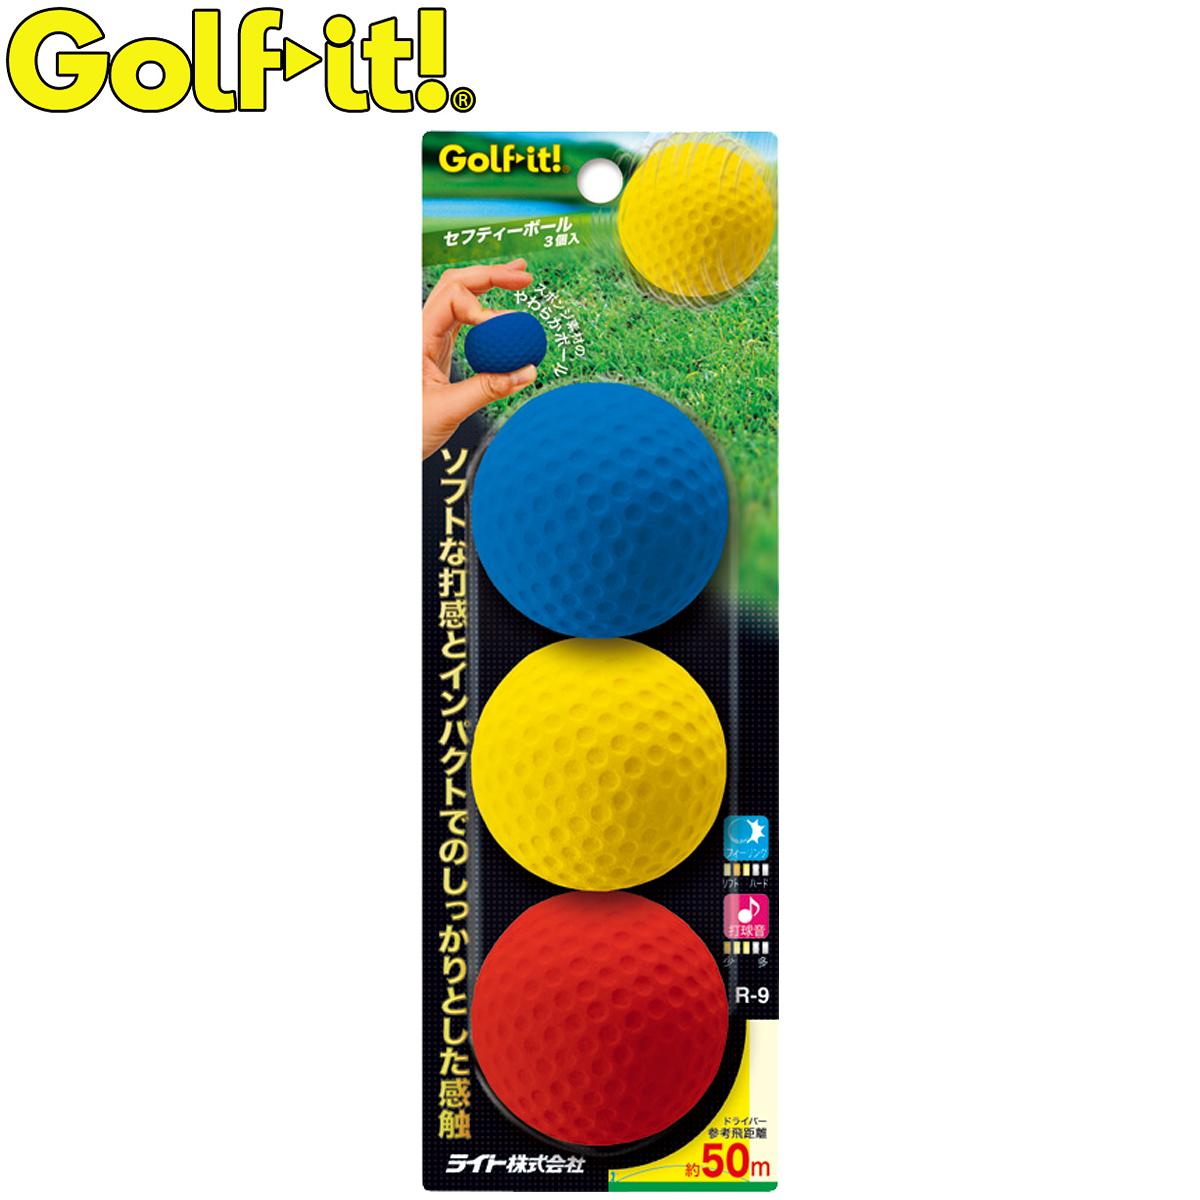 ソフトな打感とインパクトでのしっかりとした感触 Golfit ゴルフイット LiTE ライト セフティーボール プラクティスボール 日本正規品 R-9 3個入り 直営店 絶品